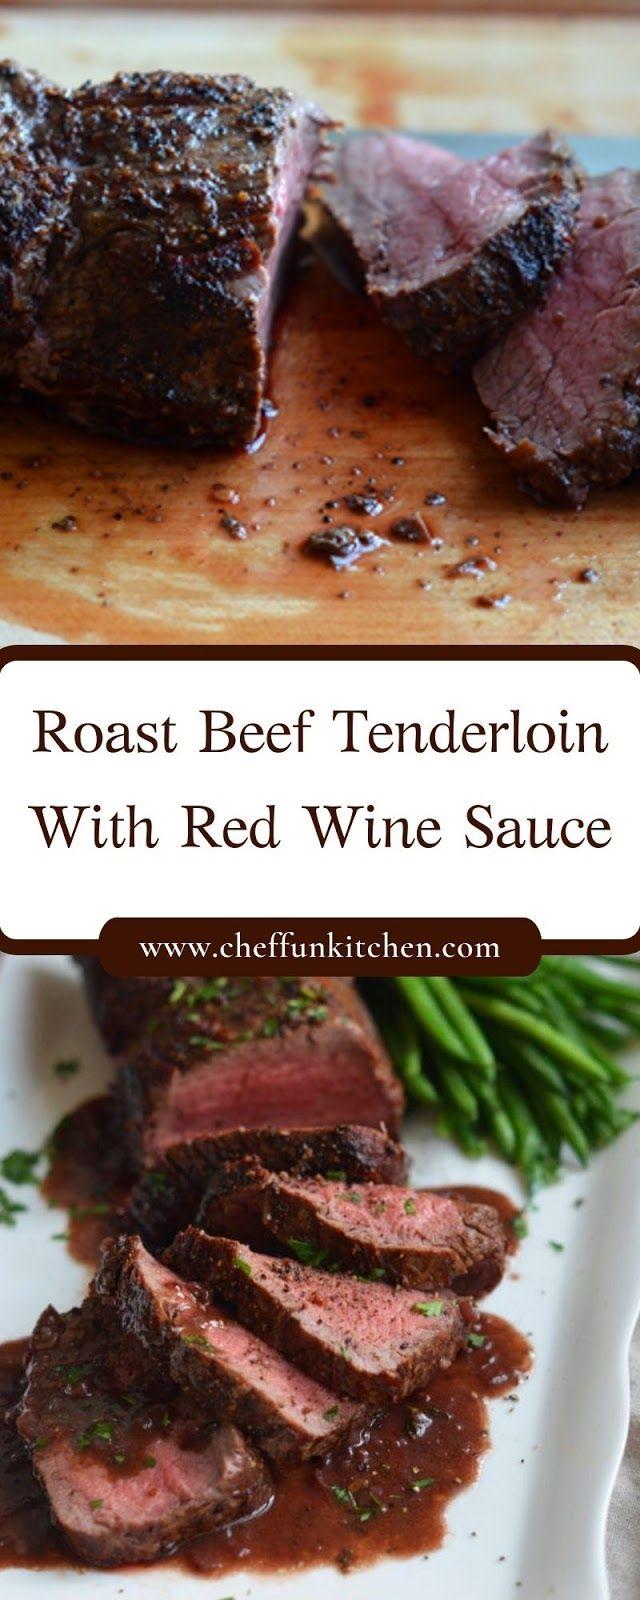 Roast Beef Tenderloin With Red Wine Sauce Beef Tenderloin Recipes Grilled Beef Tenderloin Red Wine Sauce